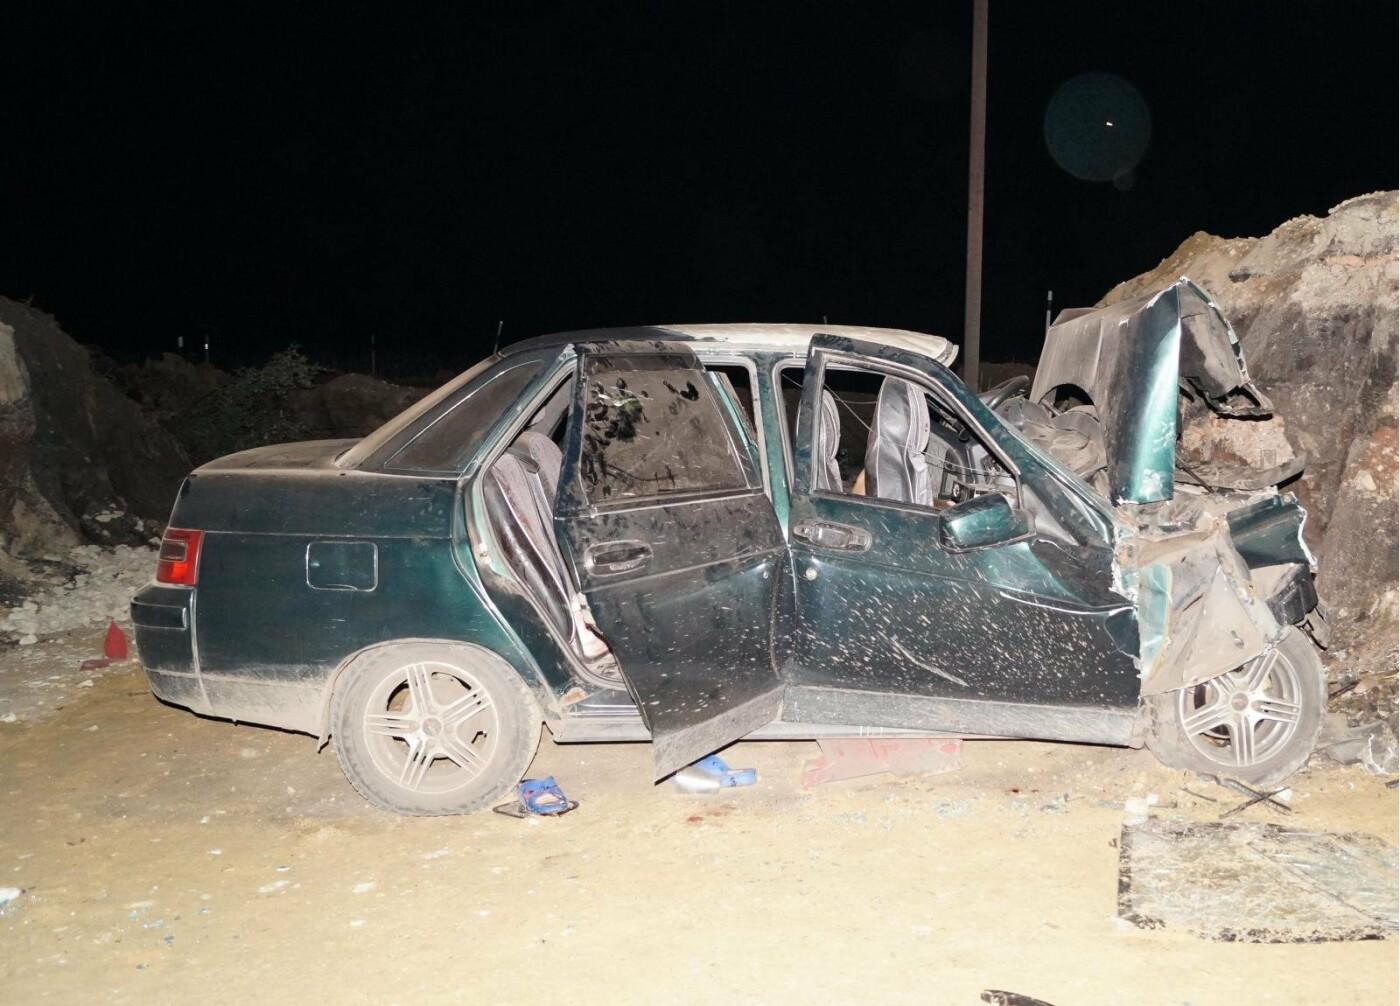 Следственный комитет проверит дорожников и ГИБДД из-за аварии в Первомайском районе, фото-1